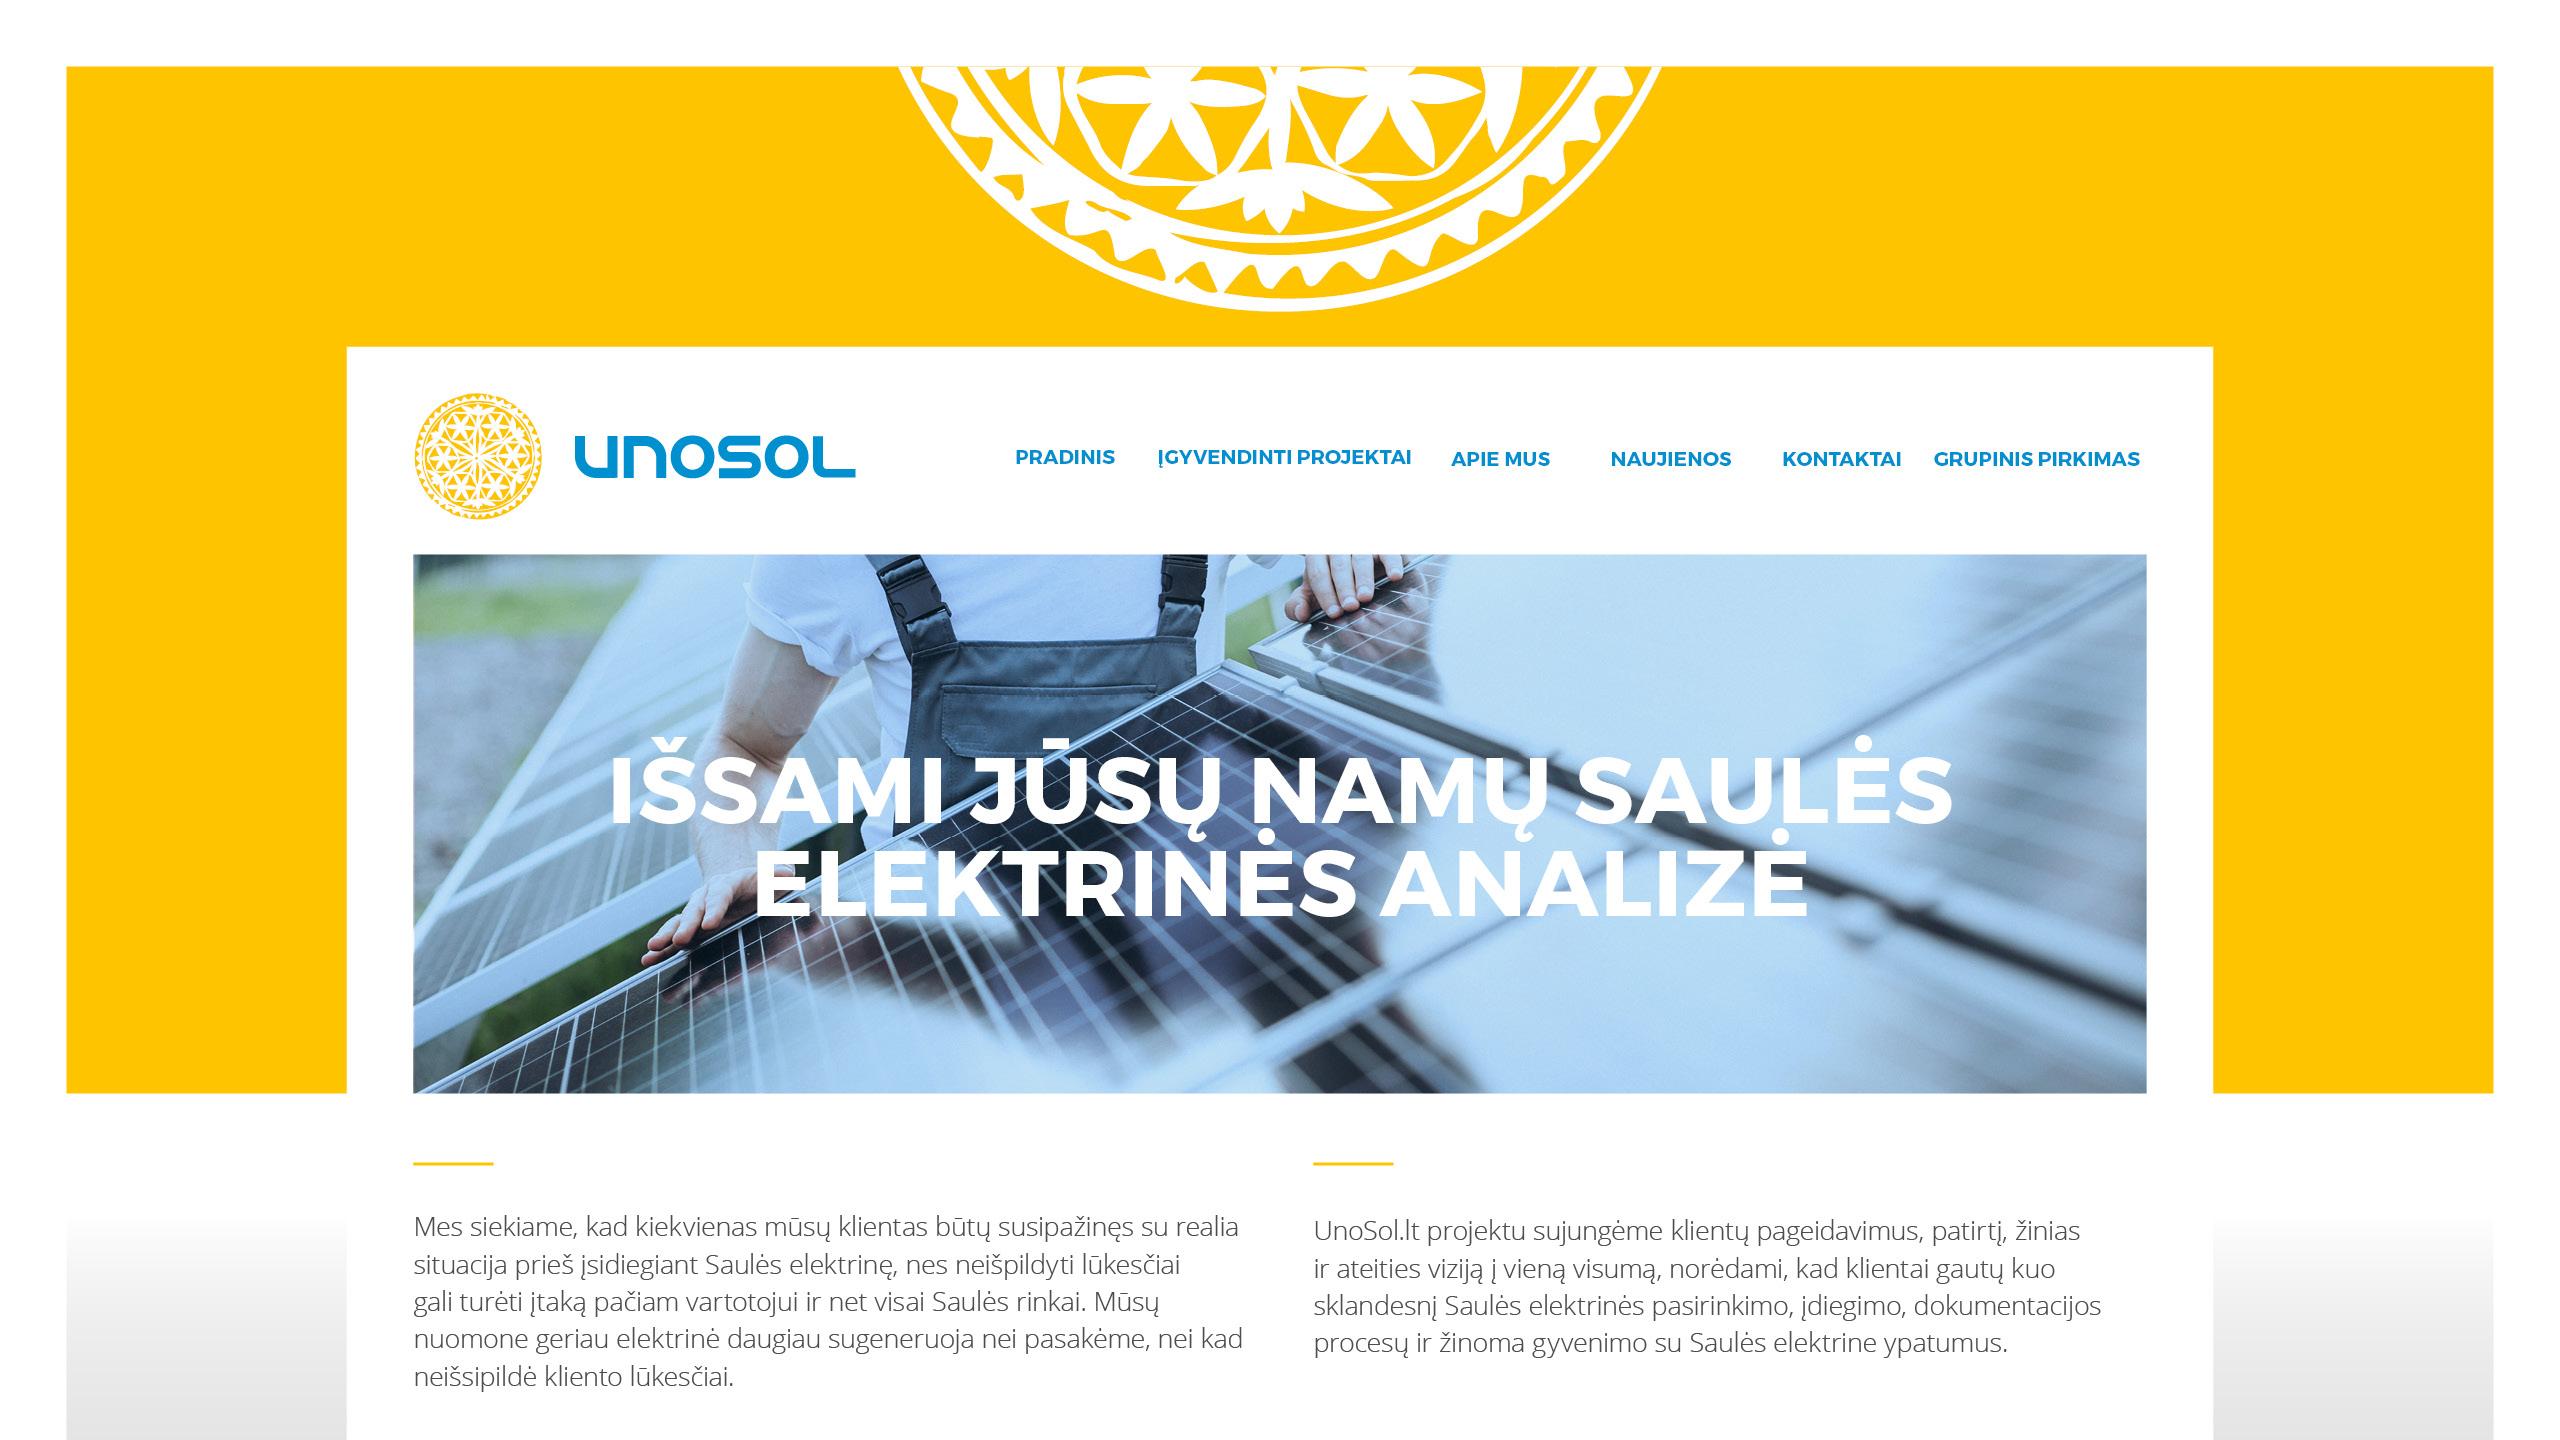 UNOSOL Vizualinio Identiteto vadovas 9 / Logobou design